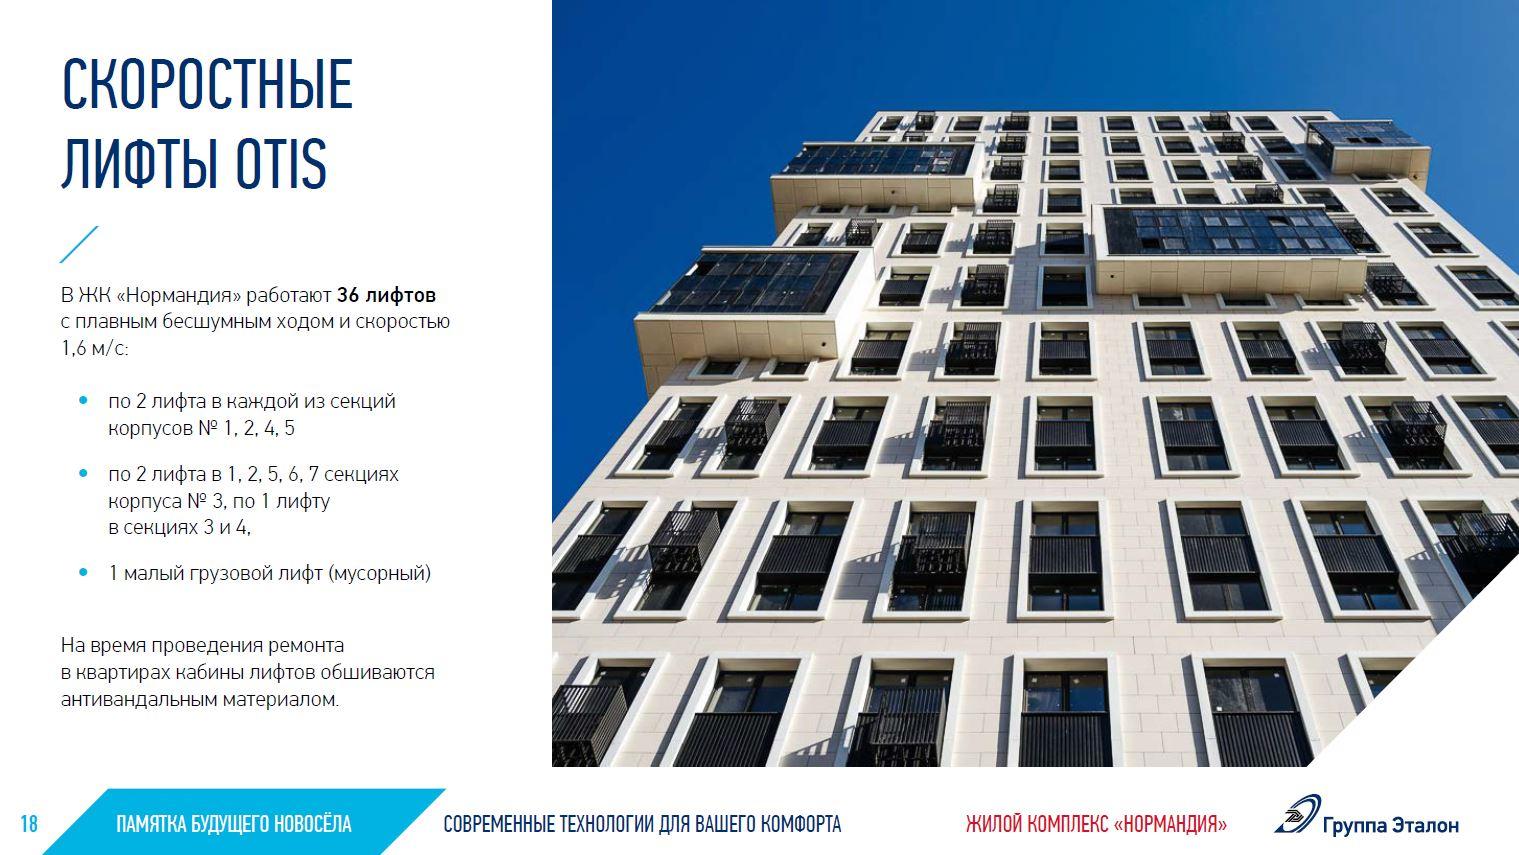 """Инженерия ЖК """"Нормандия"""": лифты, вентиляция, противопожарная система, электроснабжение и электрооборудование, отопление, водоснабжение, безопасность  RE3fxaVLZP8"""